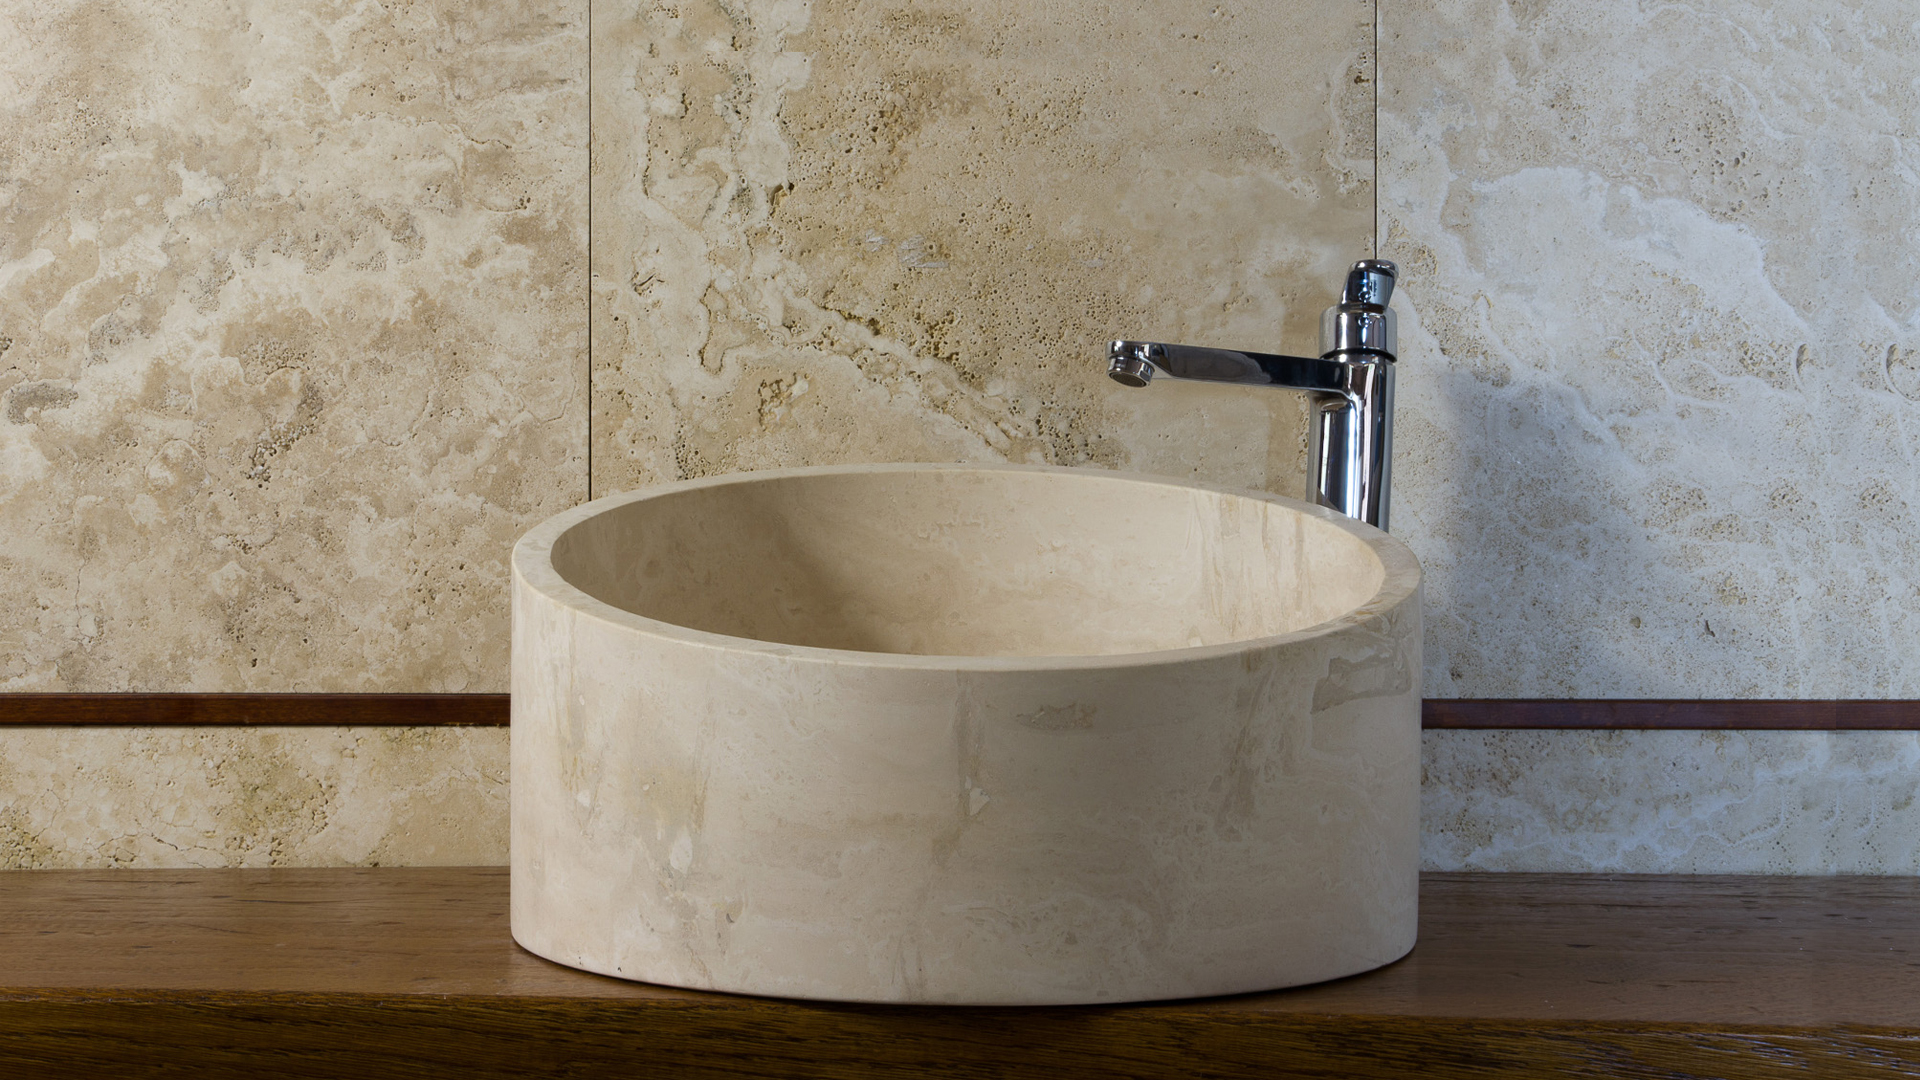 Lavabo moderno in travertino chiaro taglio pietre di rapolano - Lavabo cucina moderno ...